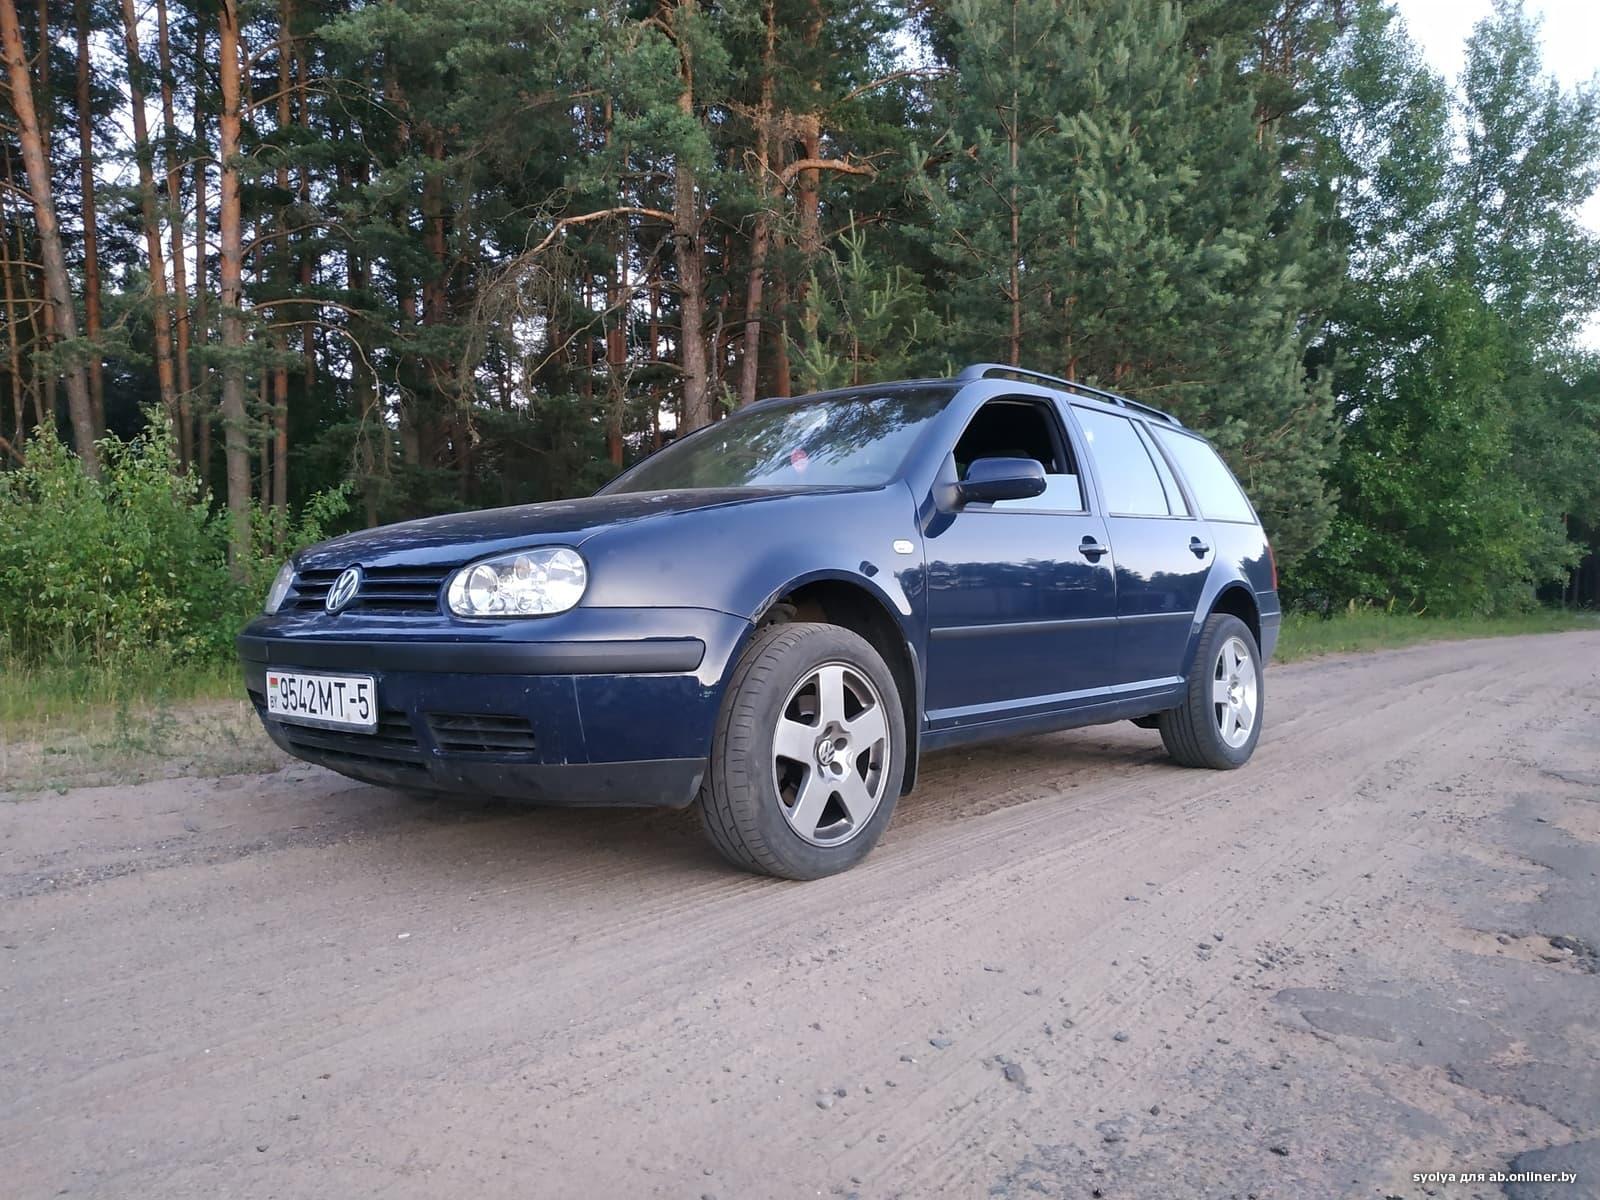 Volkswagen Golf ALH 66 кВ